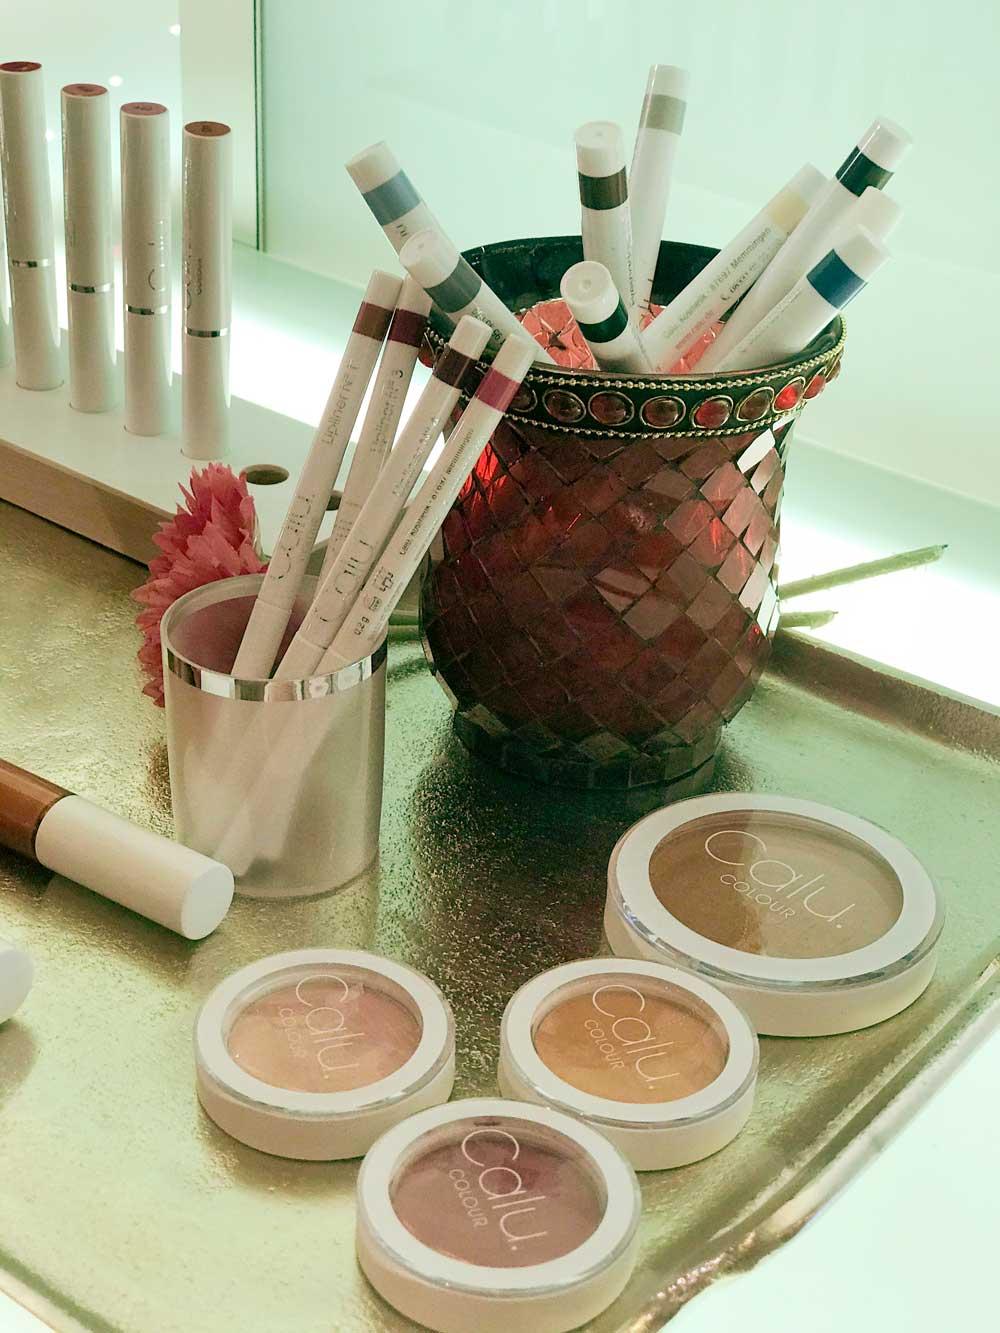 Calu Colour Produkte auf einem Tablett arangiert